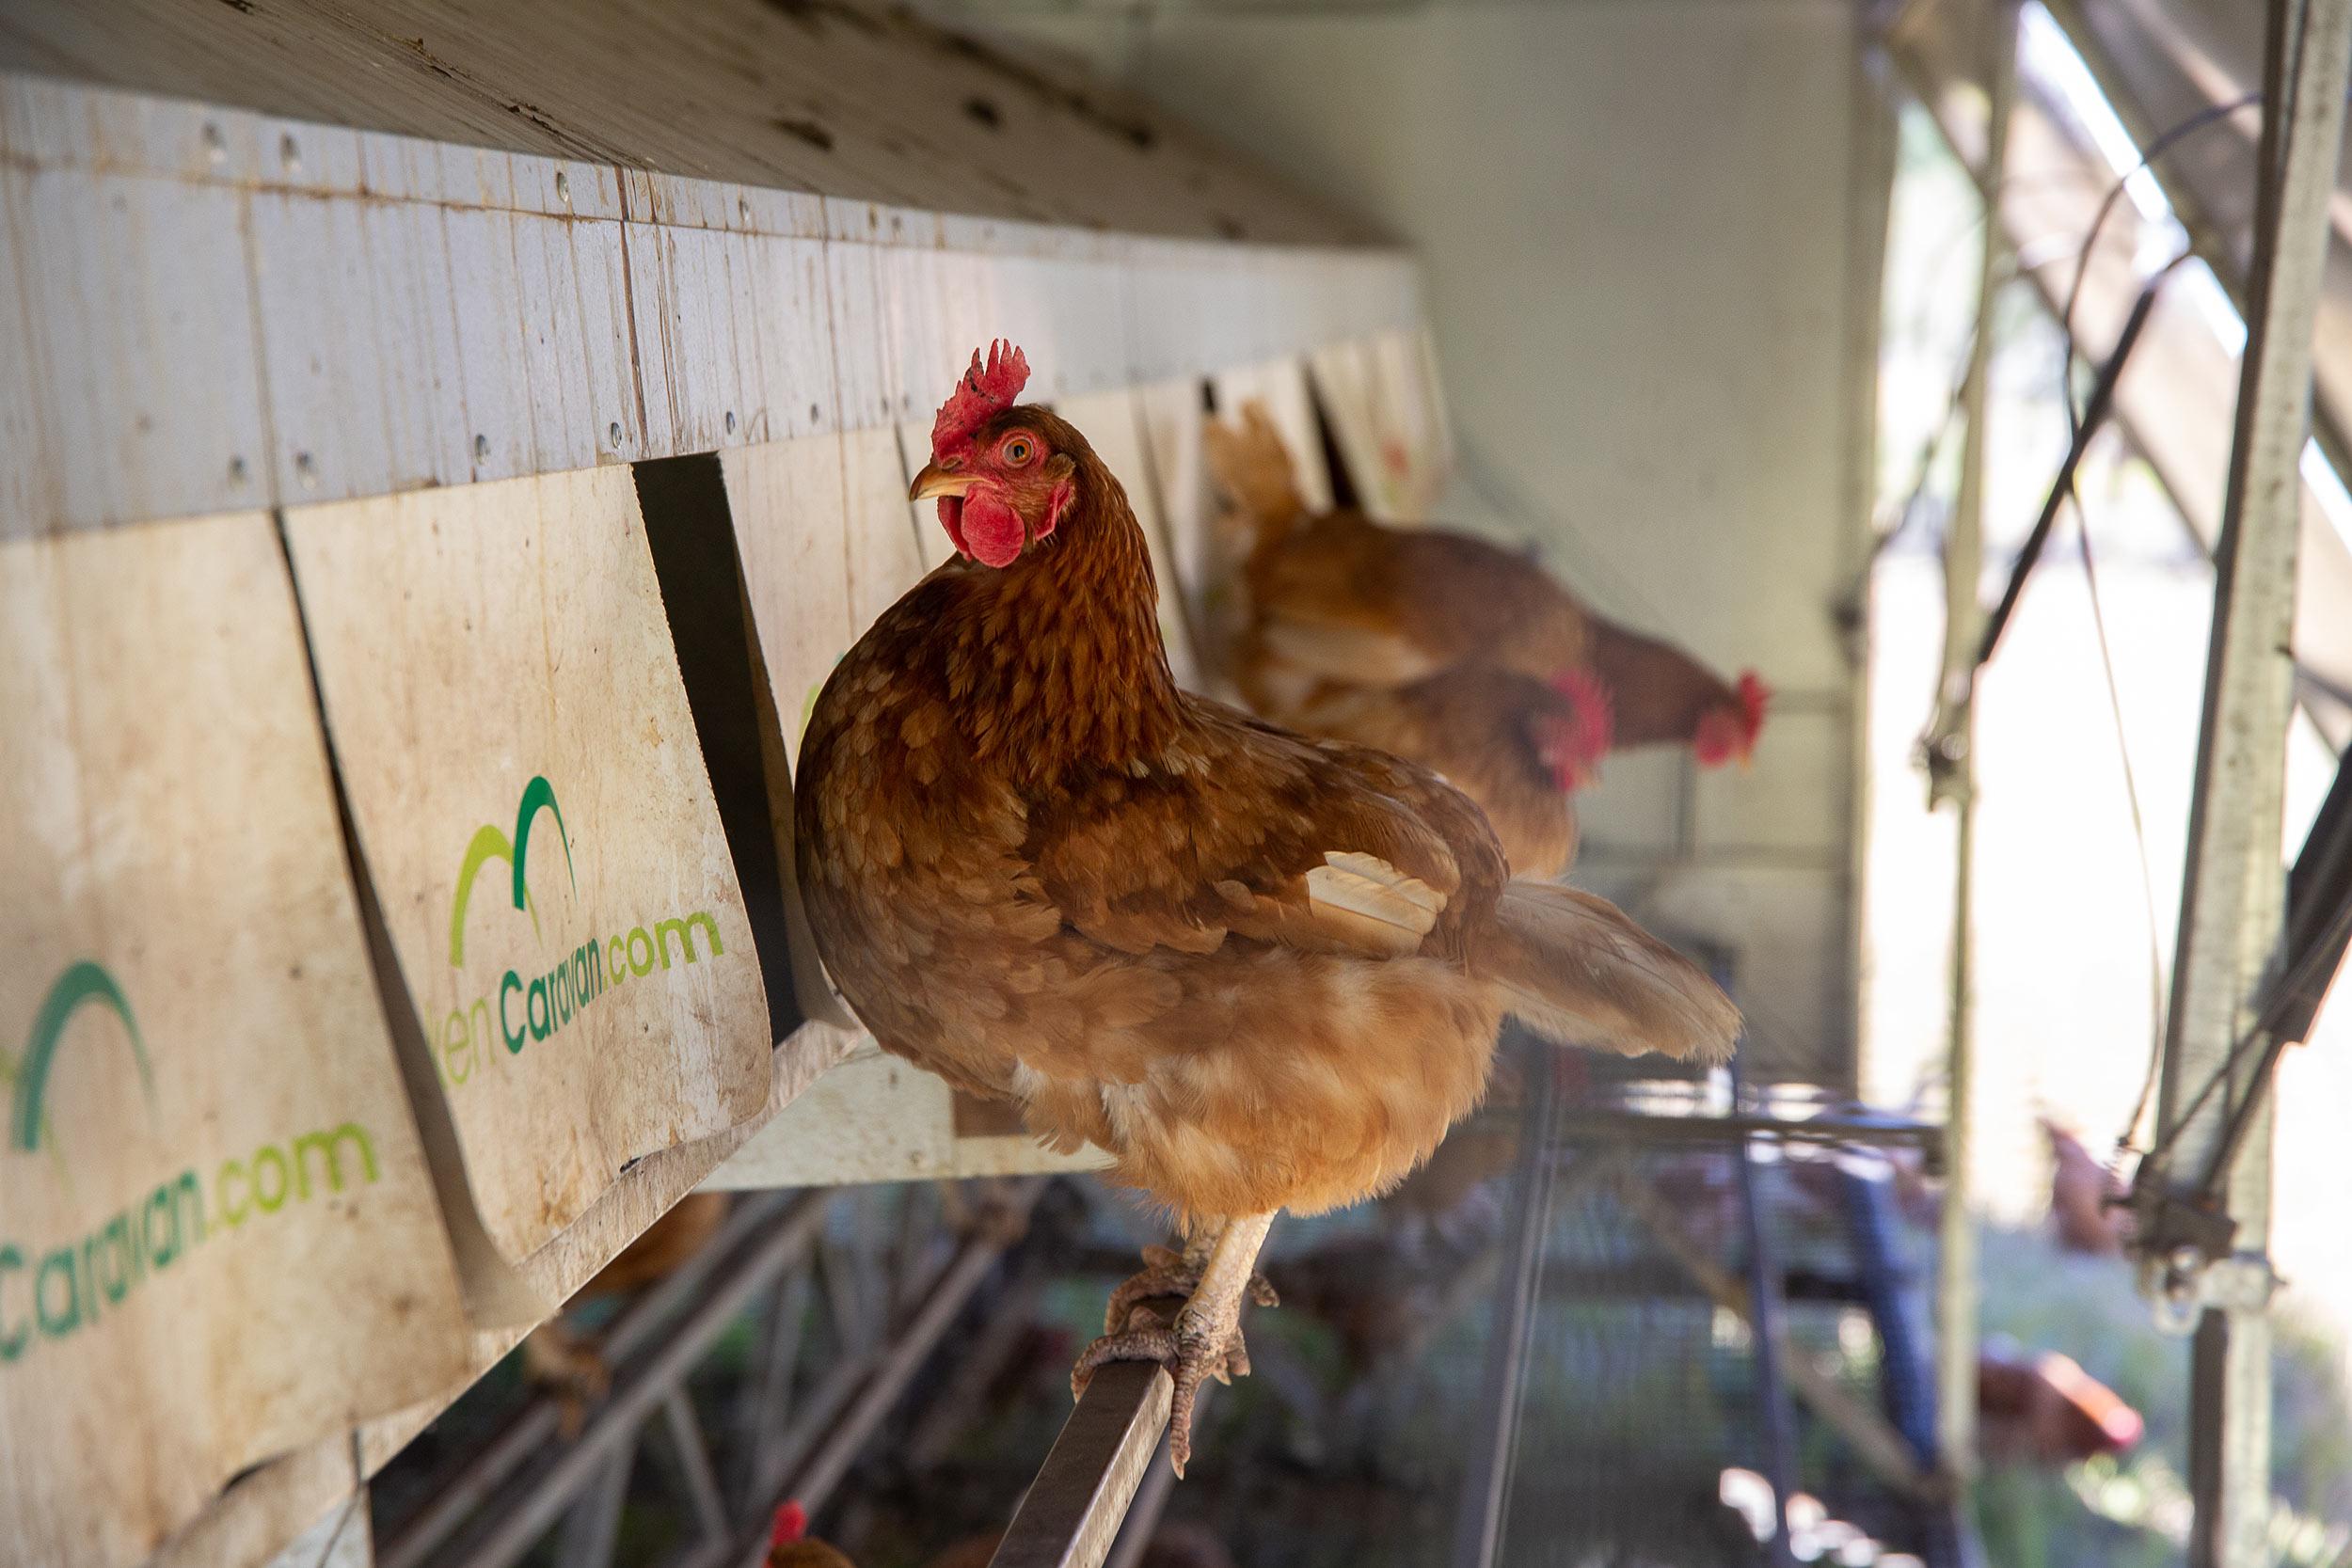 glft-topi-open-range-egg-hen.jpg